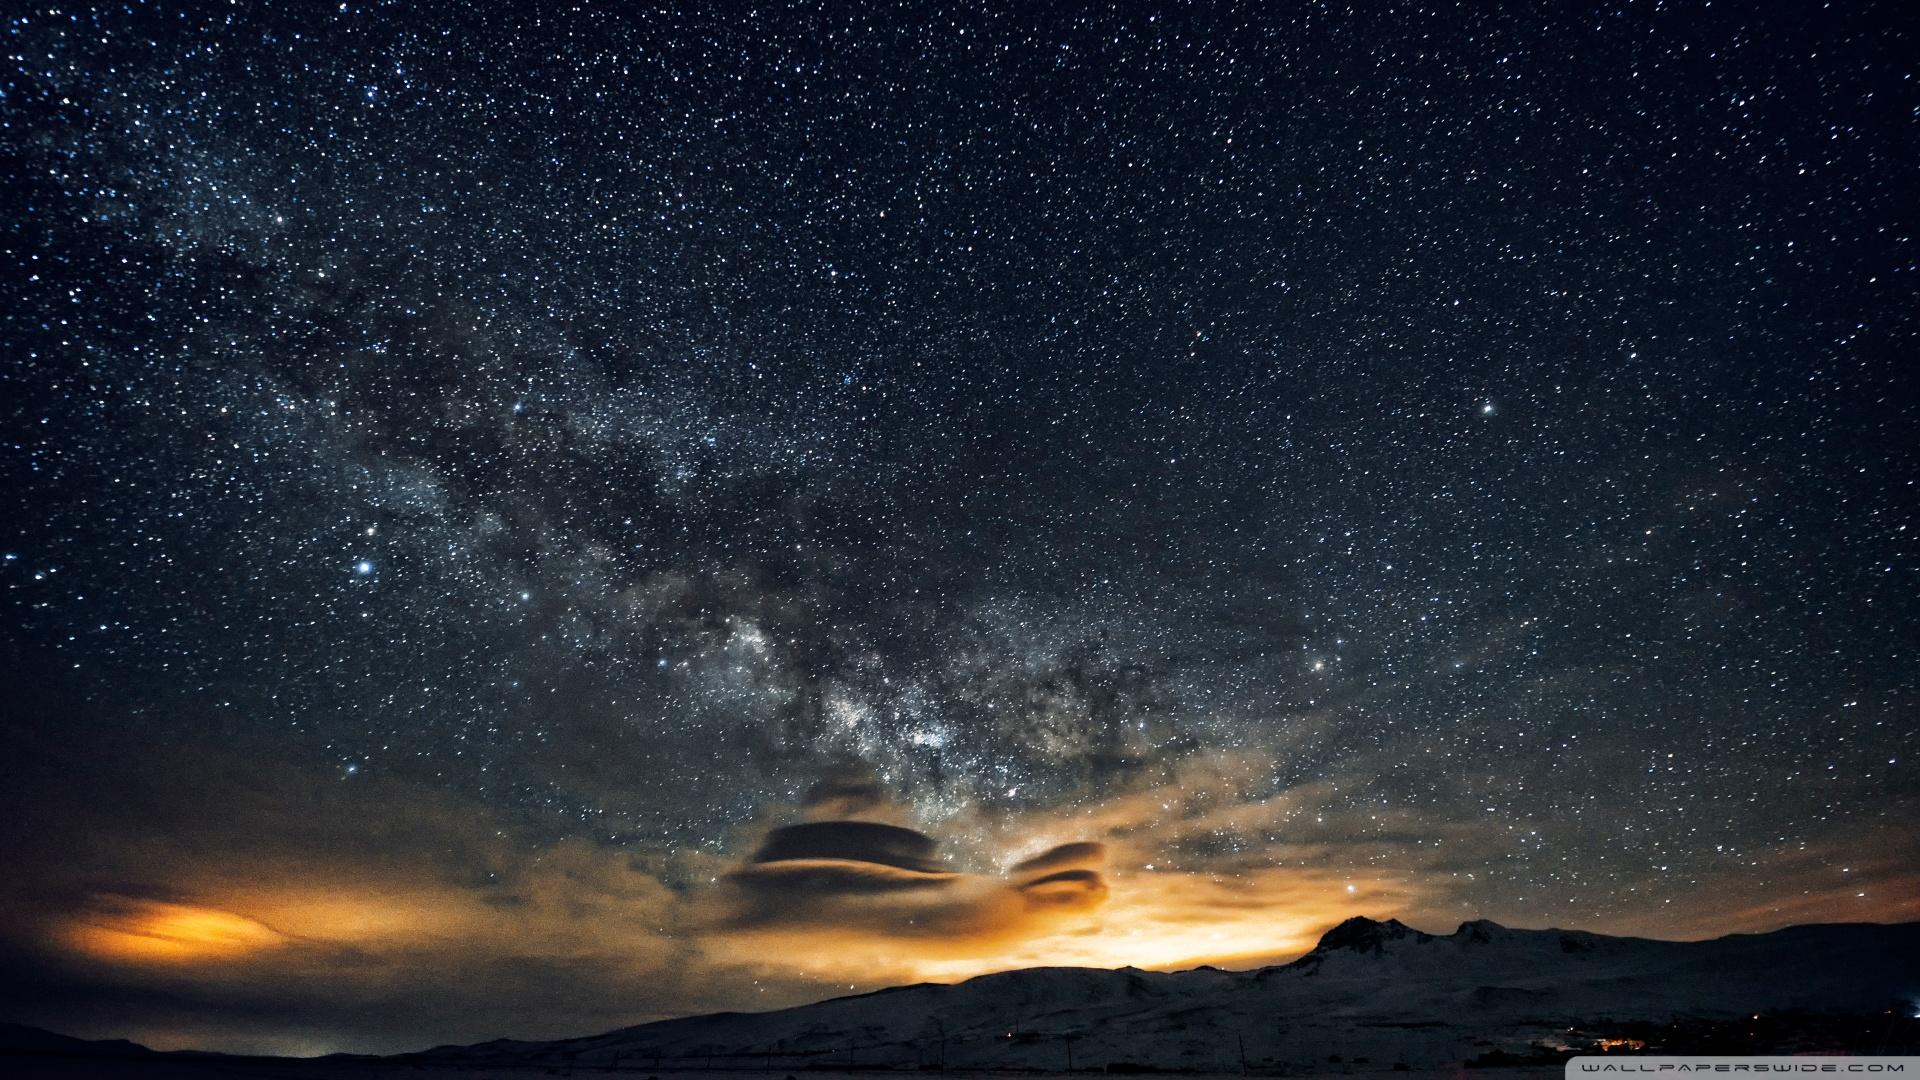 Beautiful night sky in Armenia [Wallpaper] | dotTech